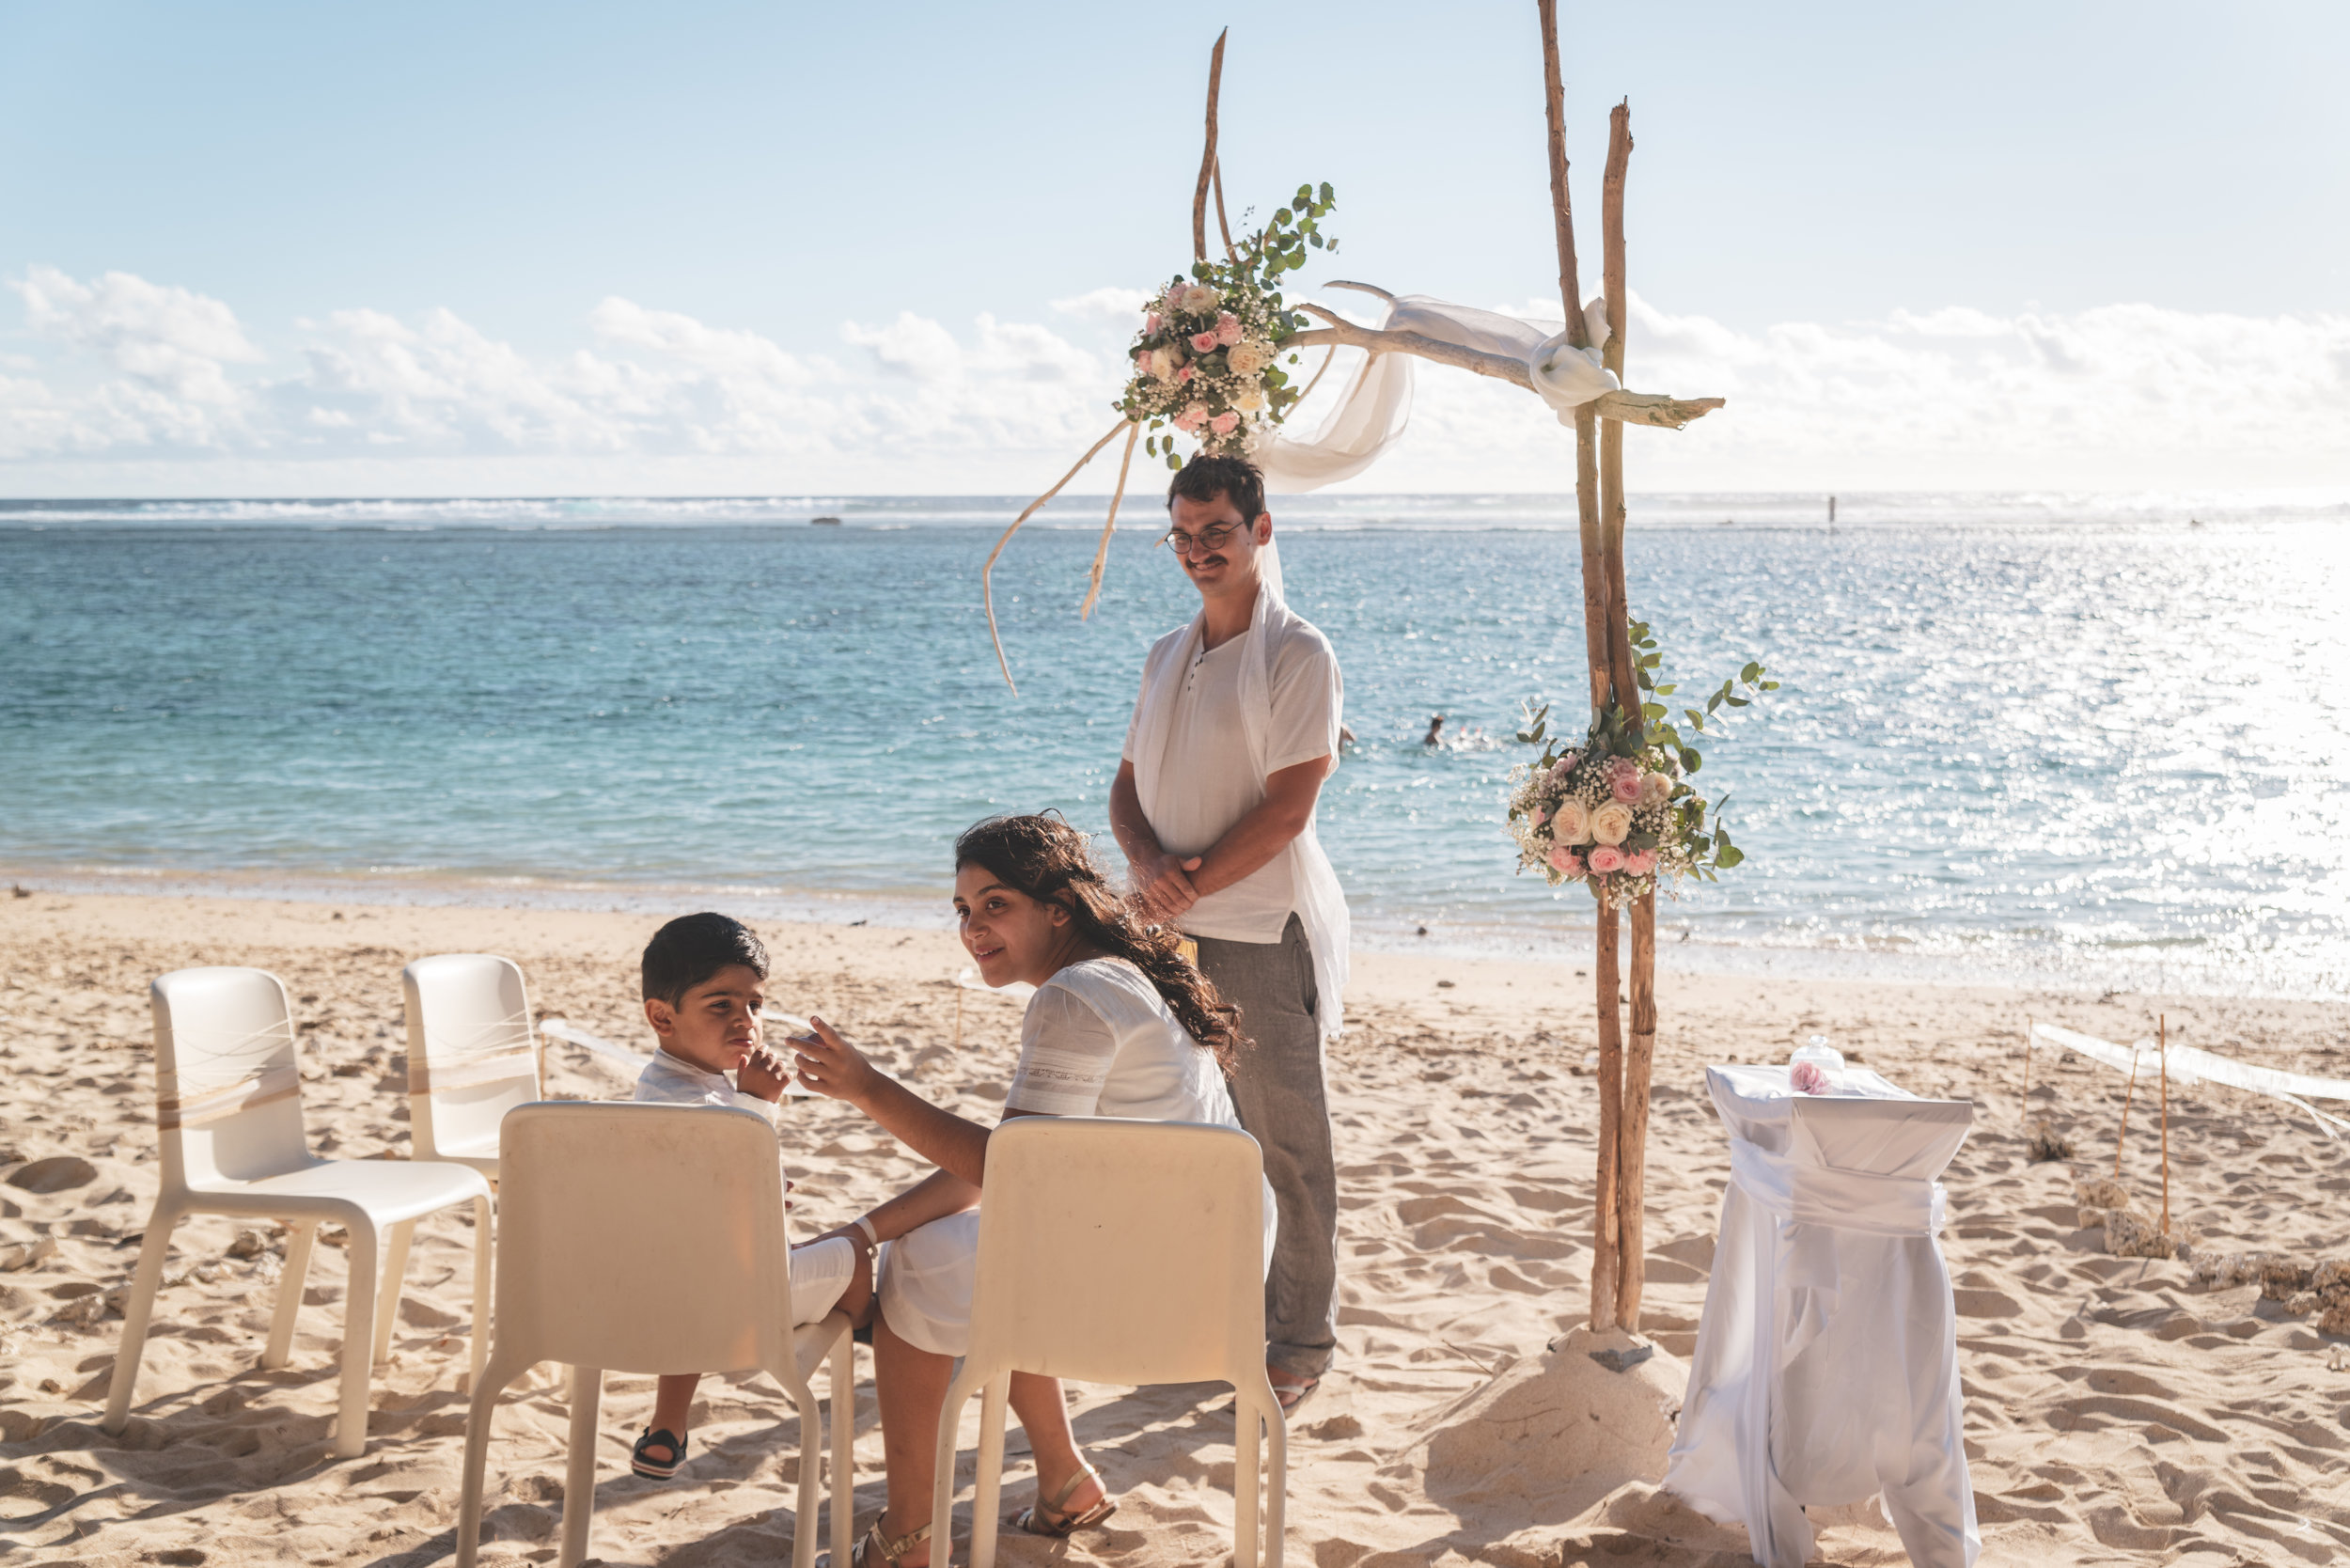 MRevenement organisation de mariage D et F cérémonie laïque La Réunion (26).jpeg